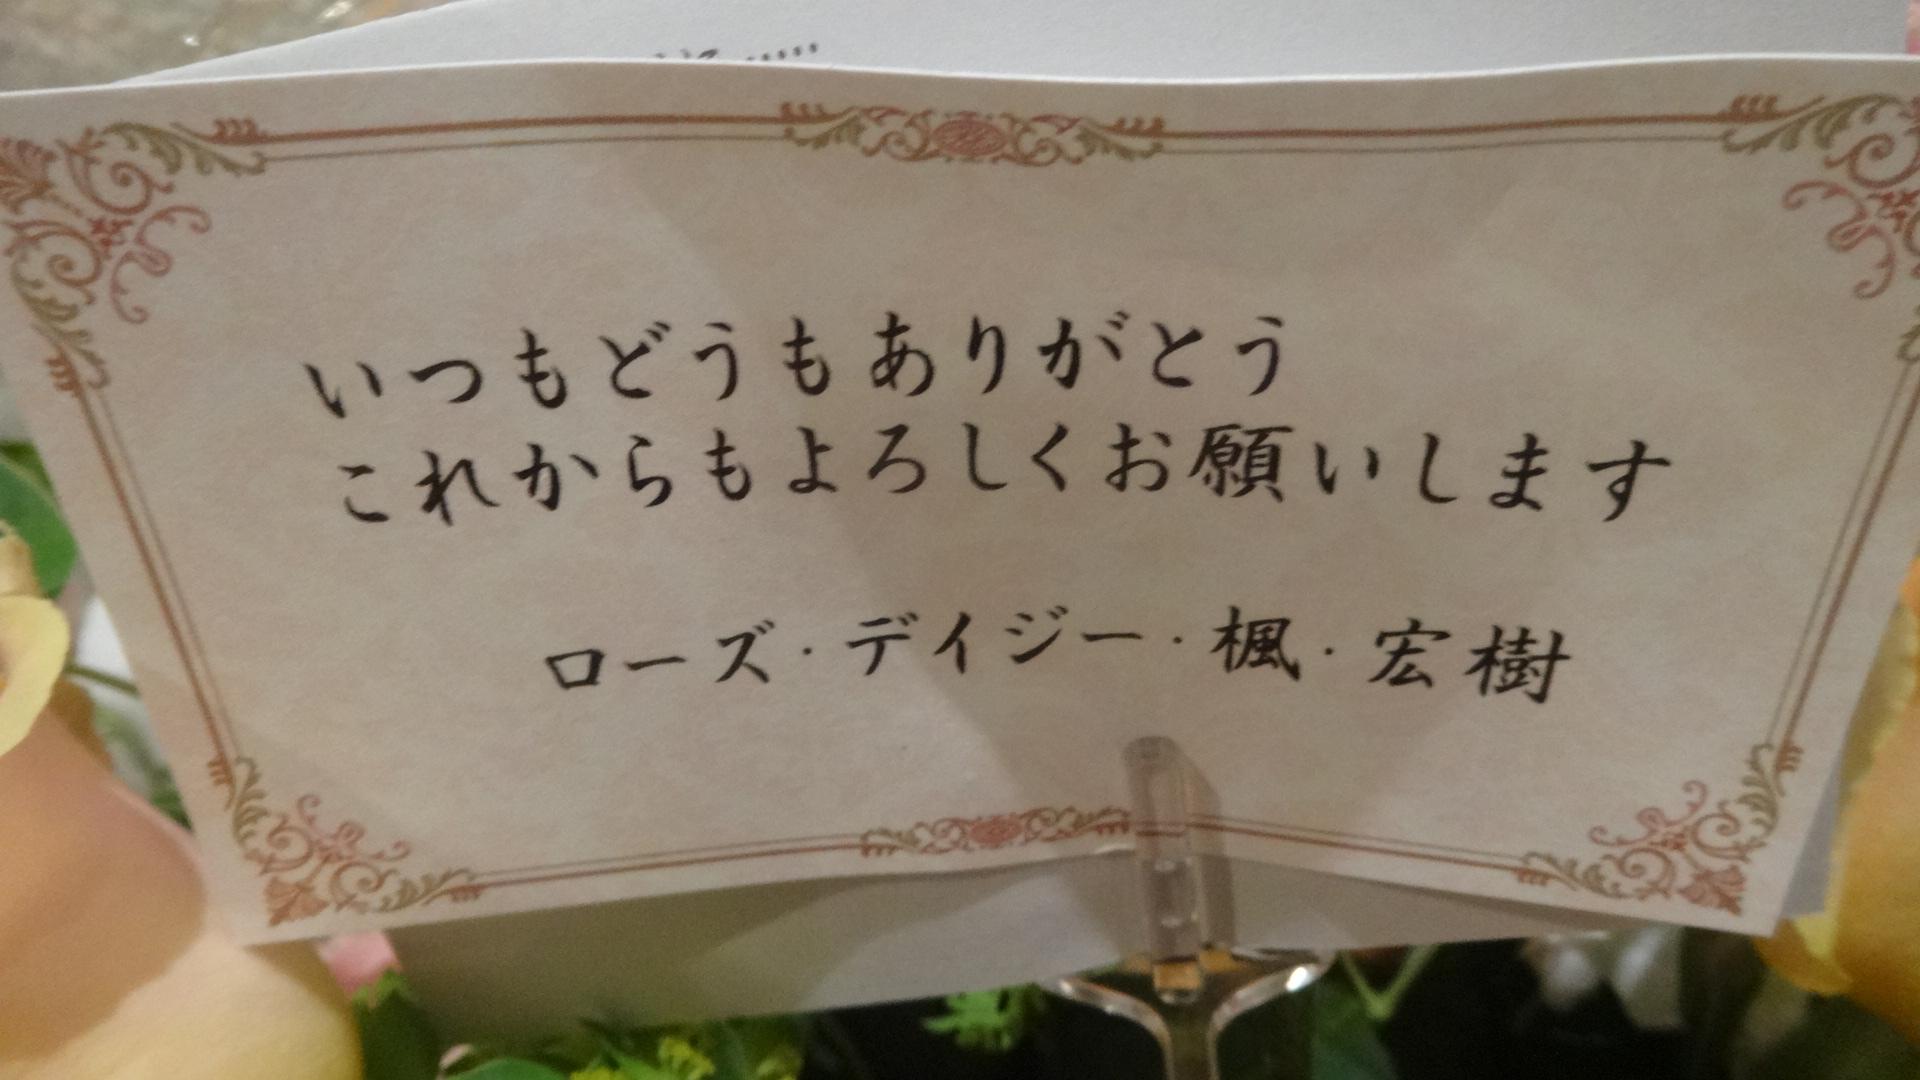 お誕生日を祝うメッセージが書かれたカード